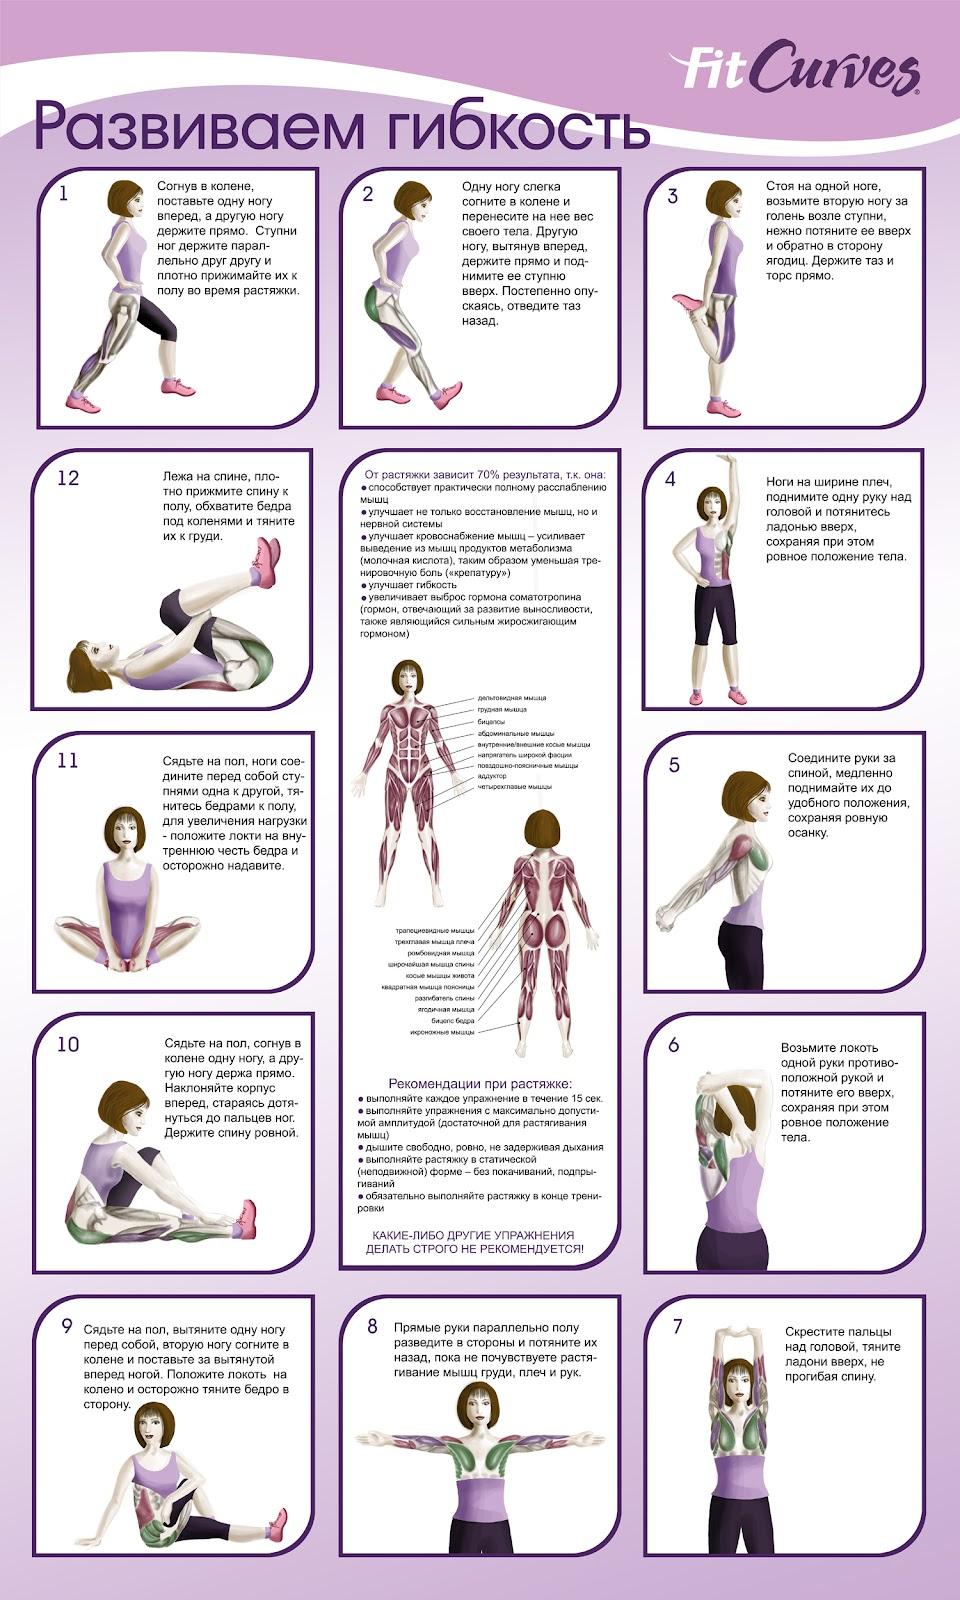 Упражнения для восстановления гибкости суставов препараты nsp для лечение коленных суставов